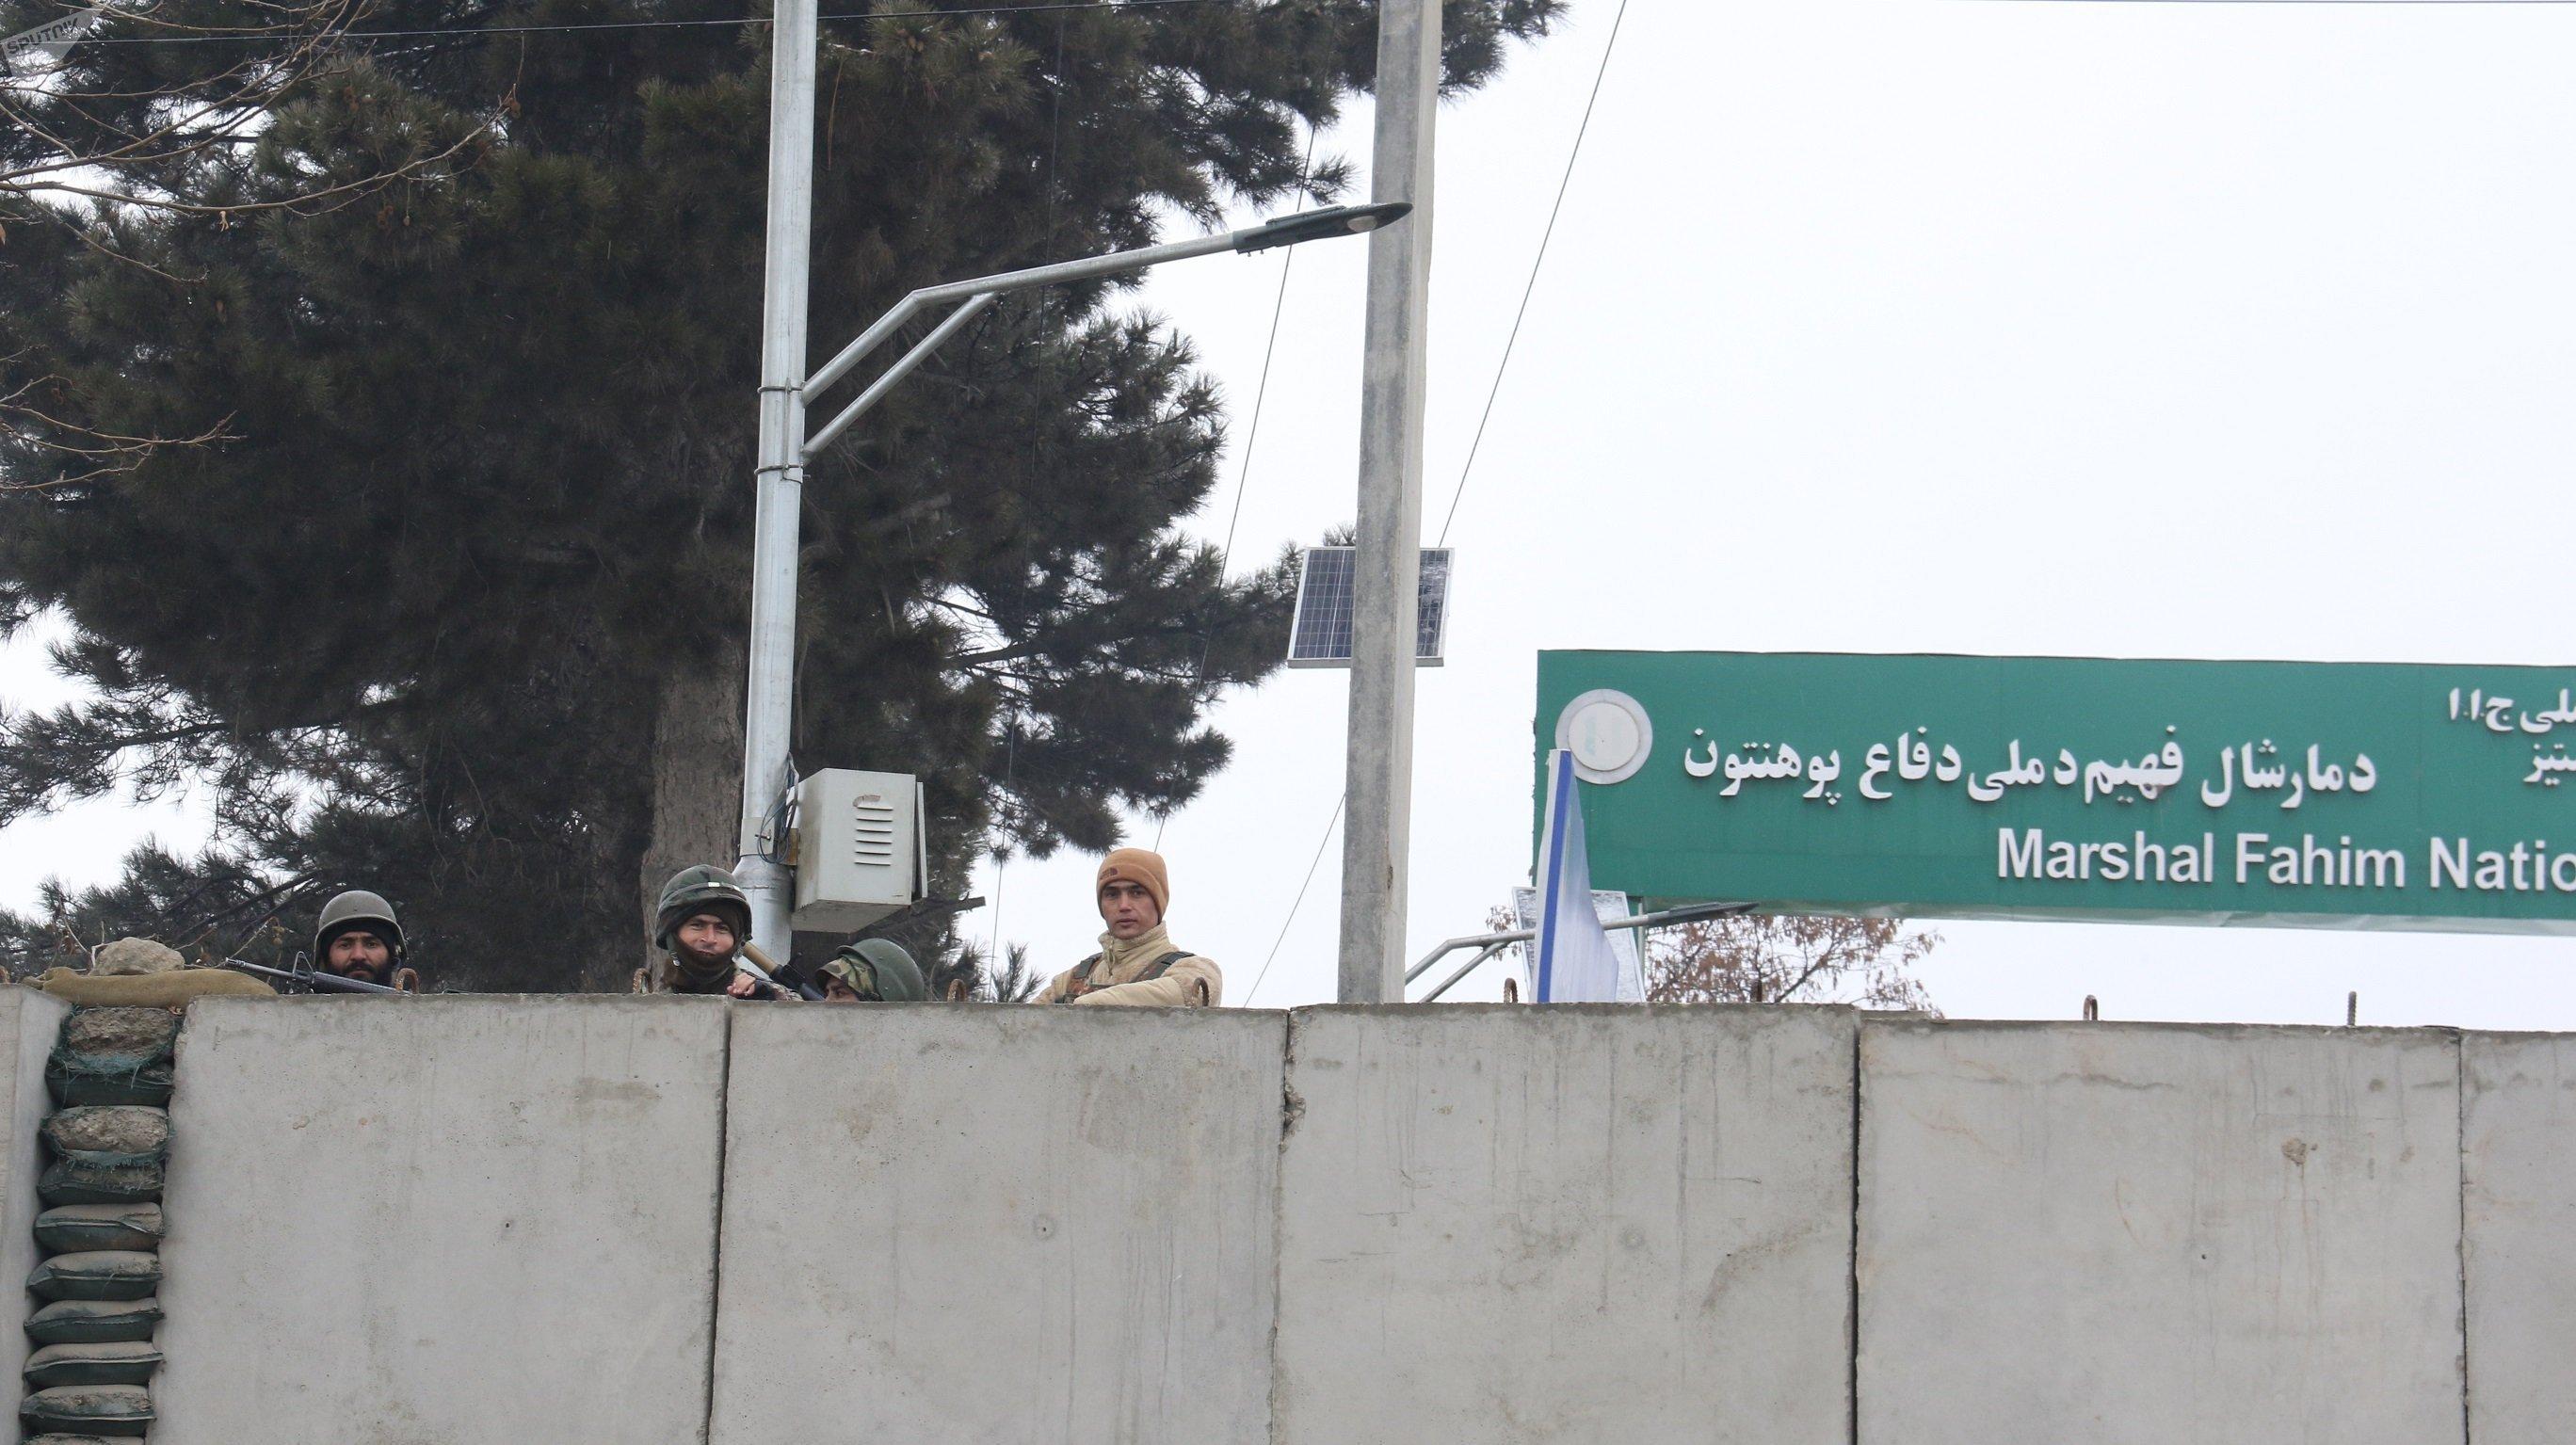 Des terroristes ont attaqué l'Académie militaire d'Afghanistan